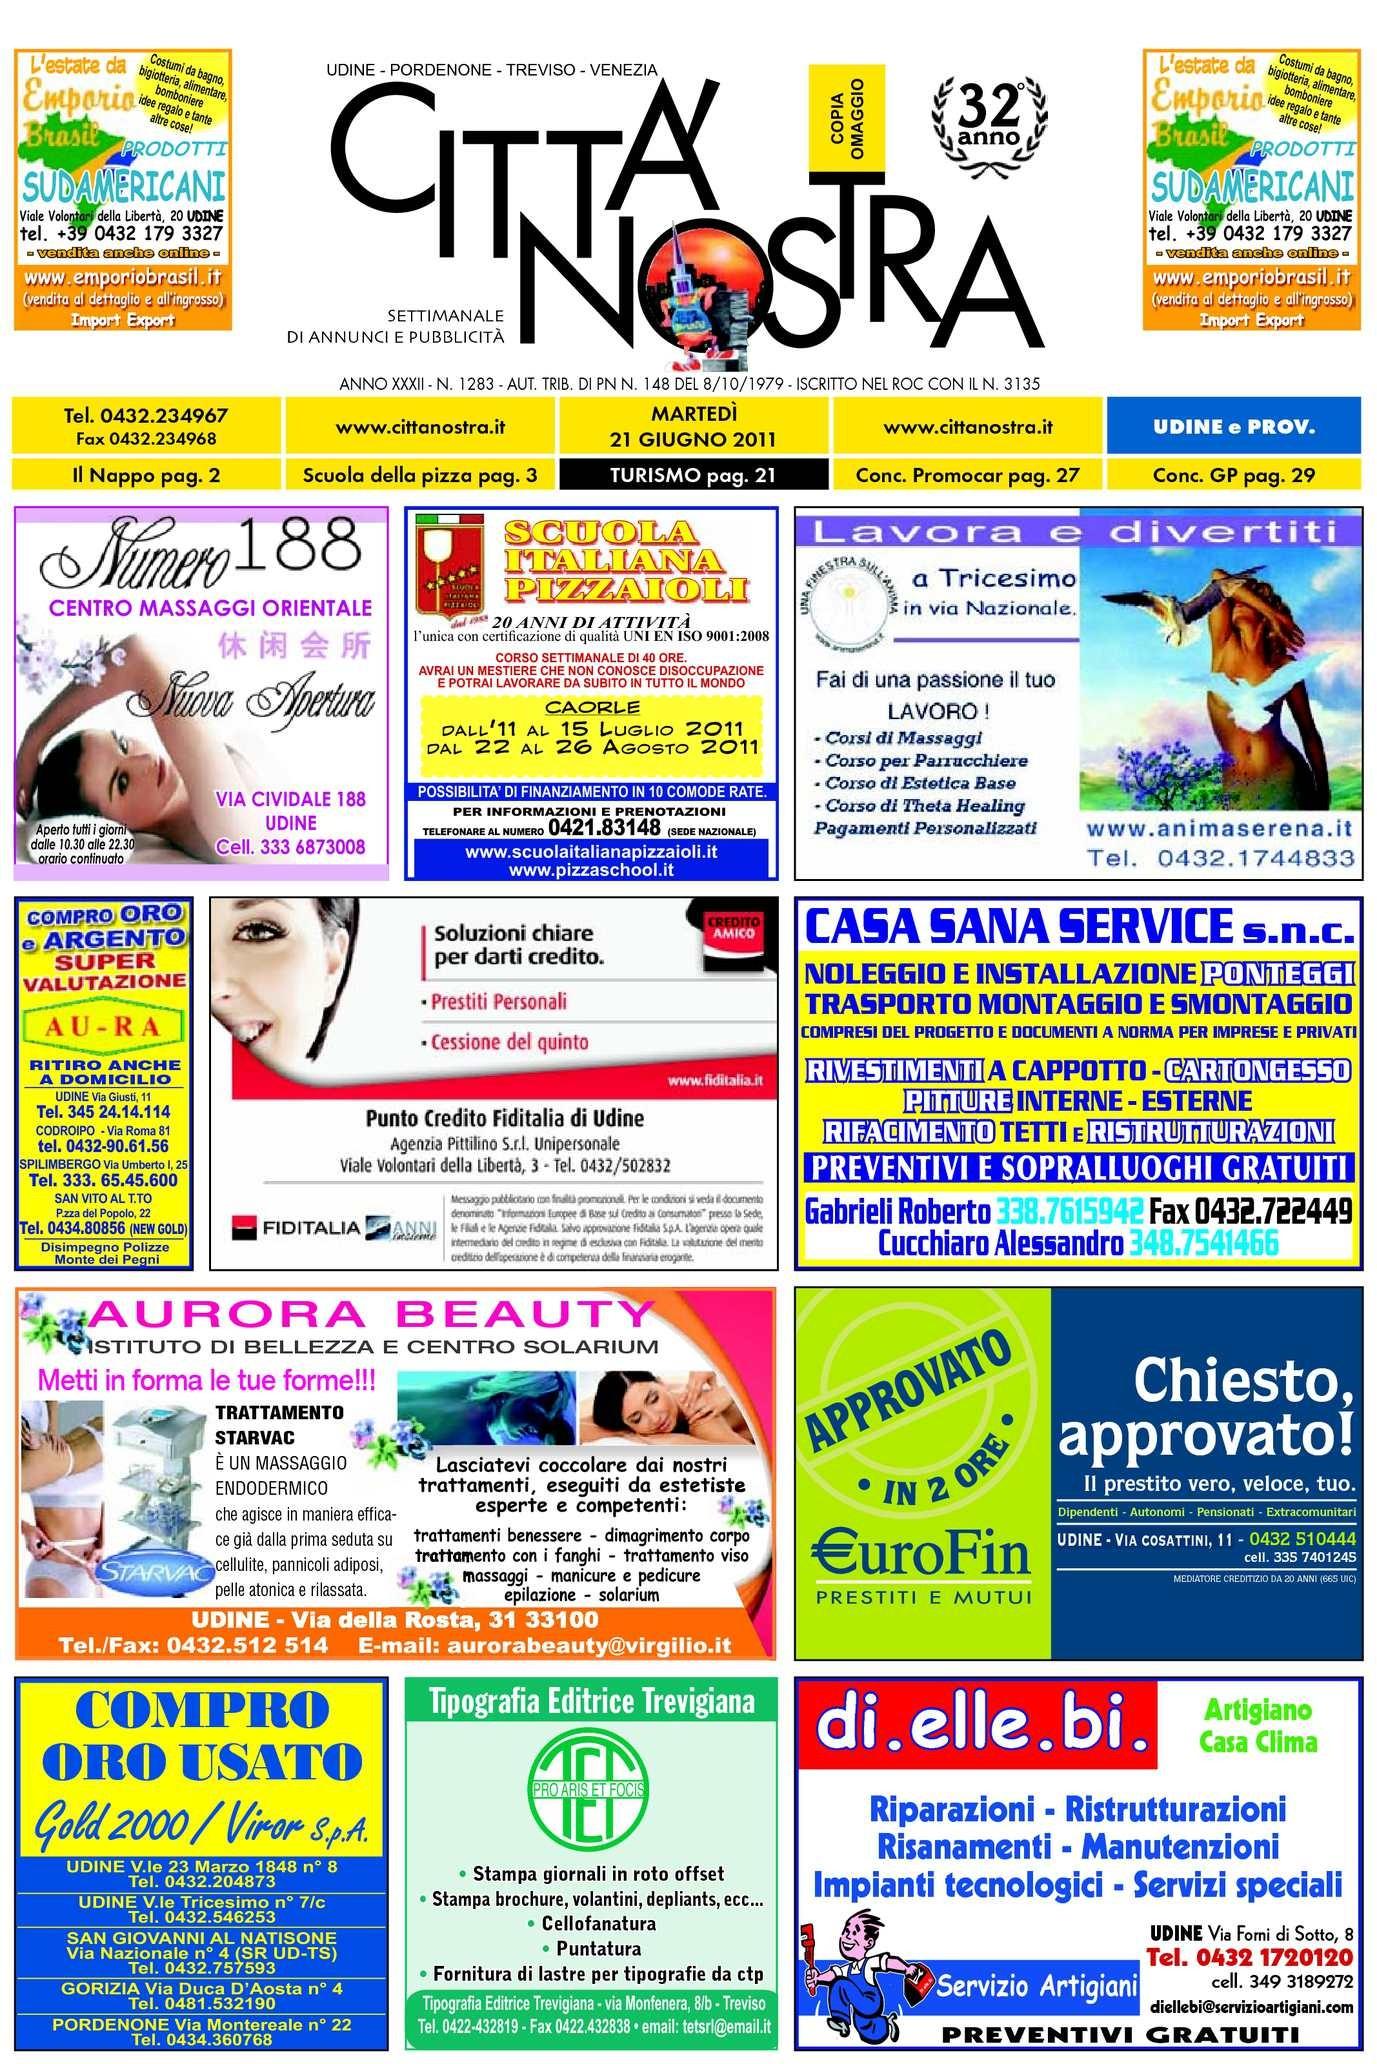 Calendario 2019 Con Festività Europee Actual Calaméo Citt Nostra Udine Del 21 06 2011 N 1283 Of Calendario 2019 Con Festività Europee Recientes Ildomani by T&p Editori Il Domani issuu